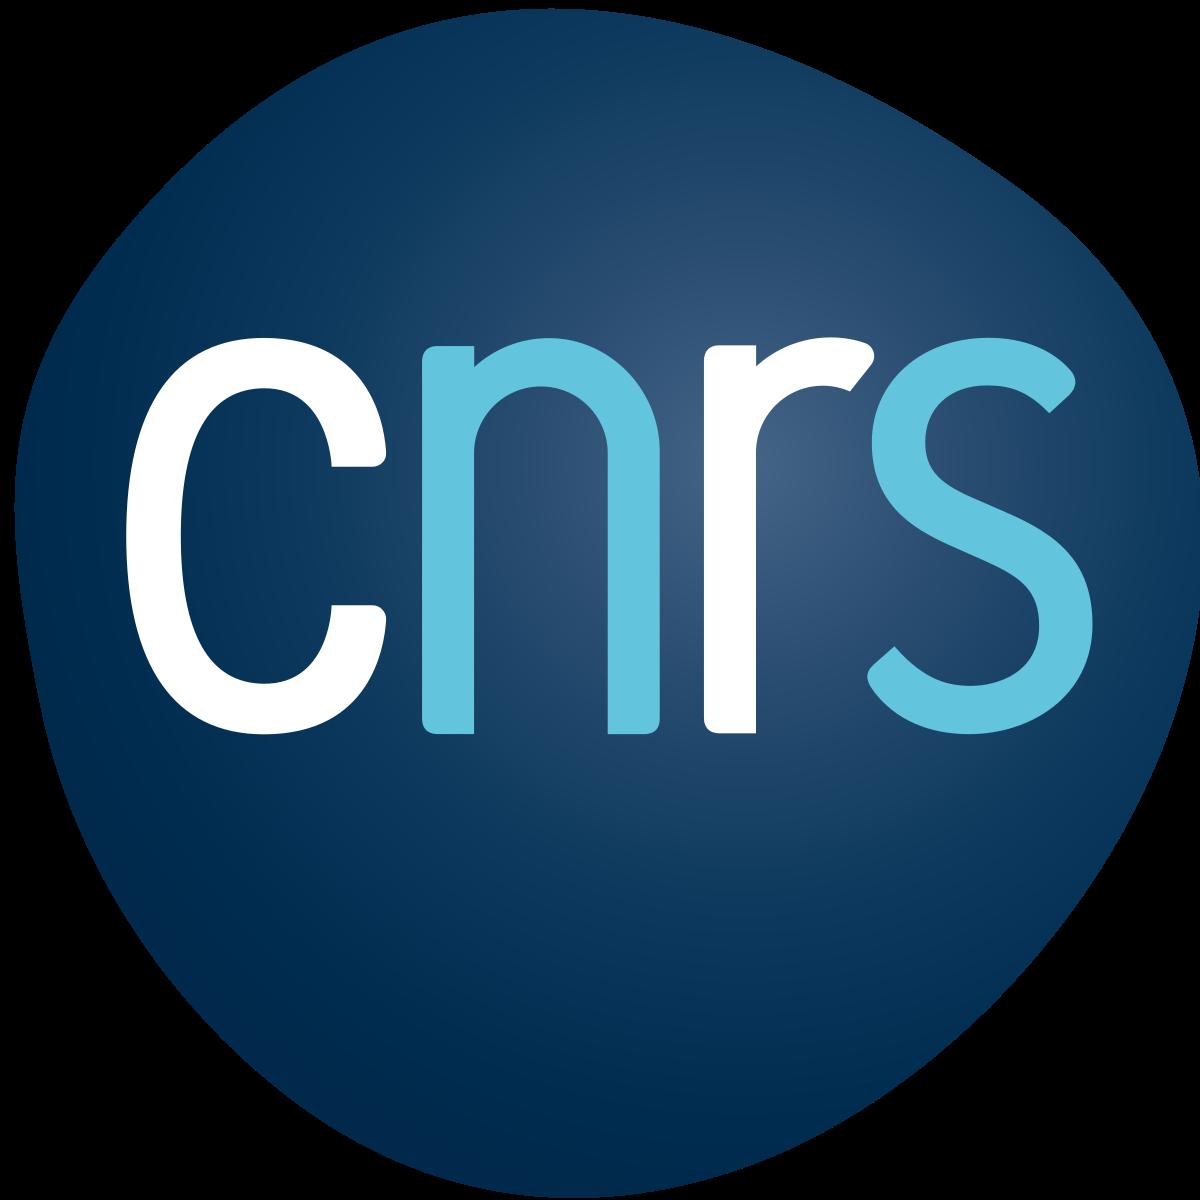 Logo du CNRS